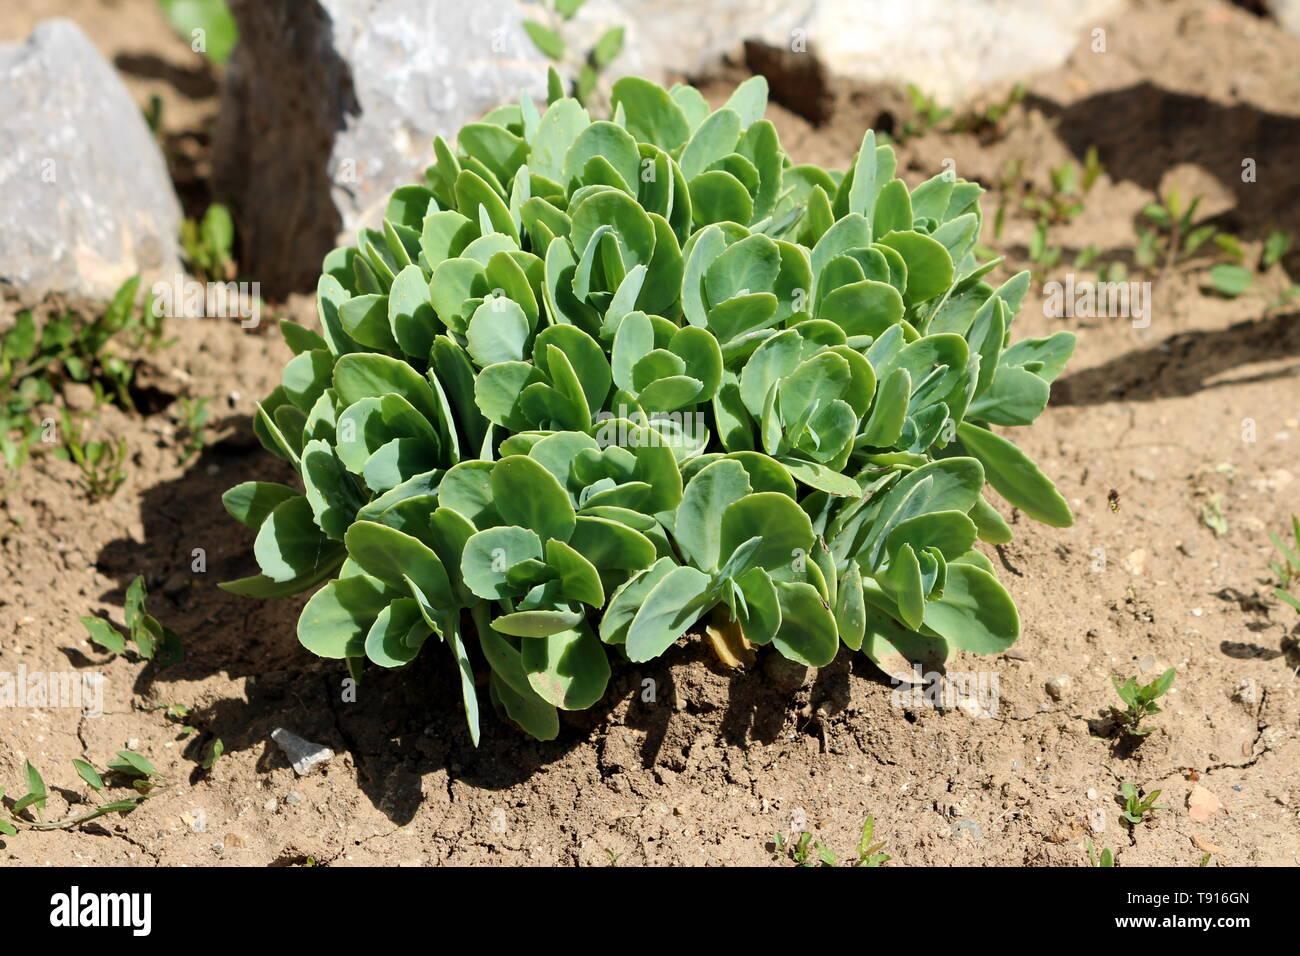 Plante Couvre Sol Soleil sedum ou orpin hardy succulentes vivaces couvre-sol plante